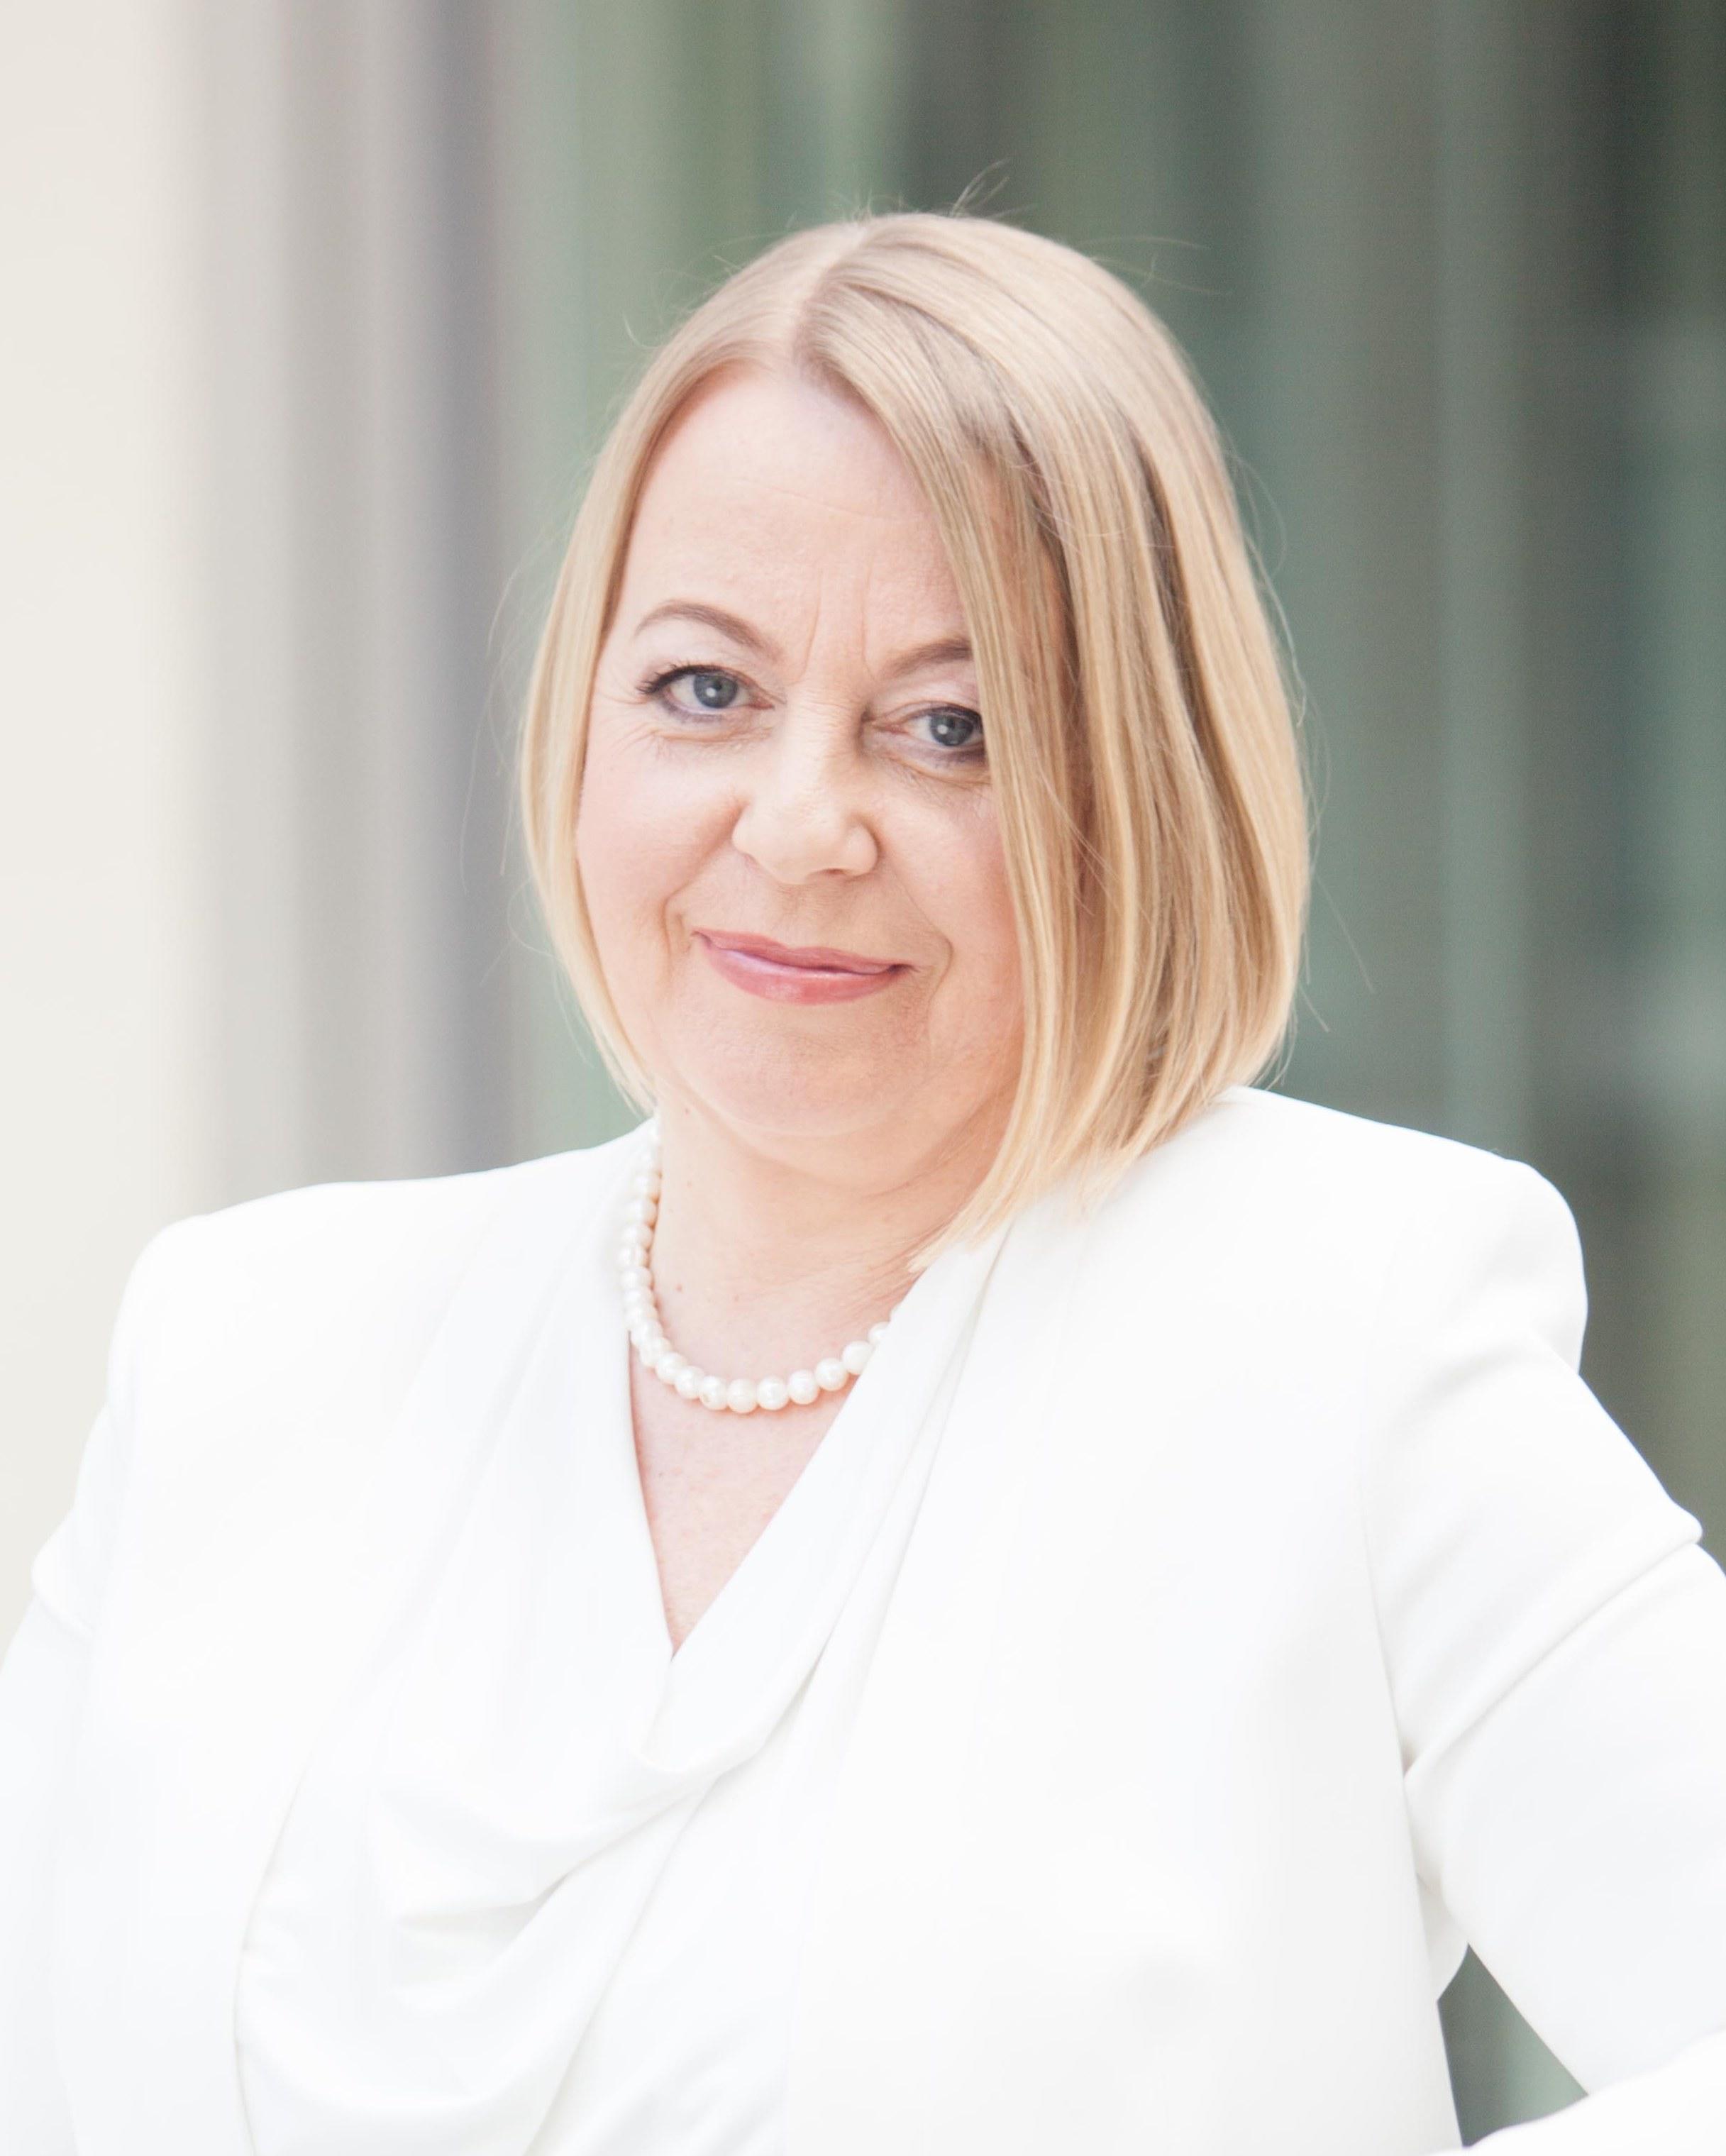 Prezes PARP - Małgorzata Oleszczuk